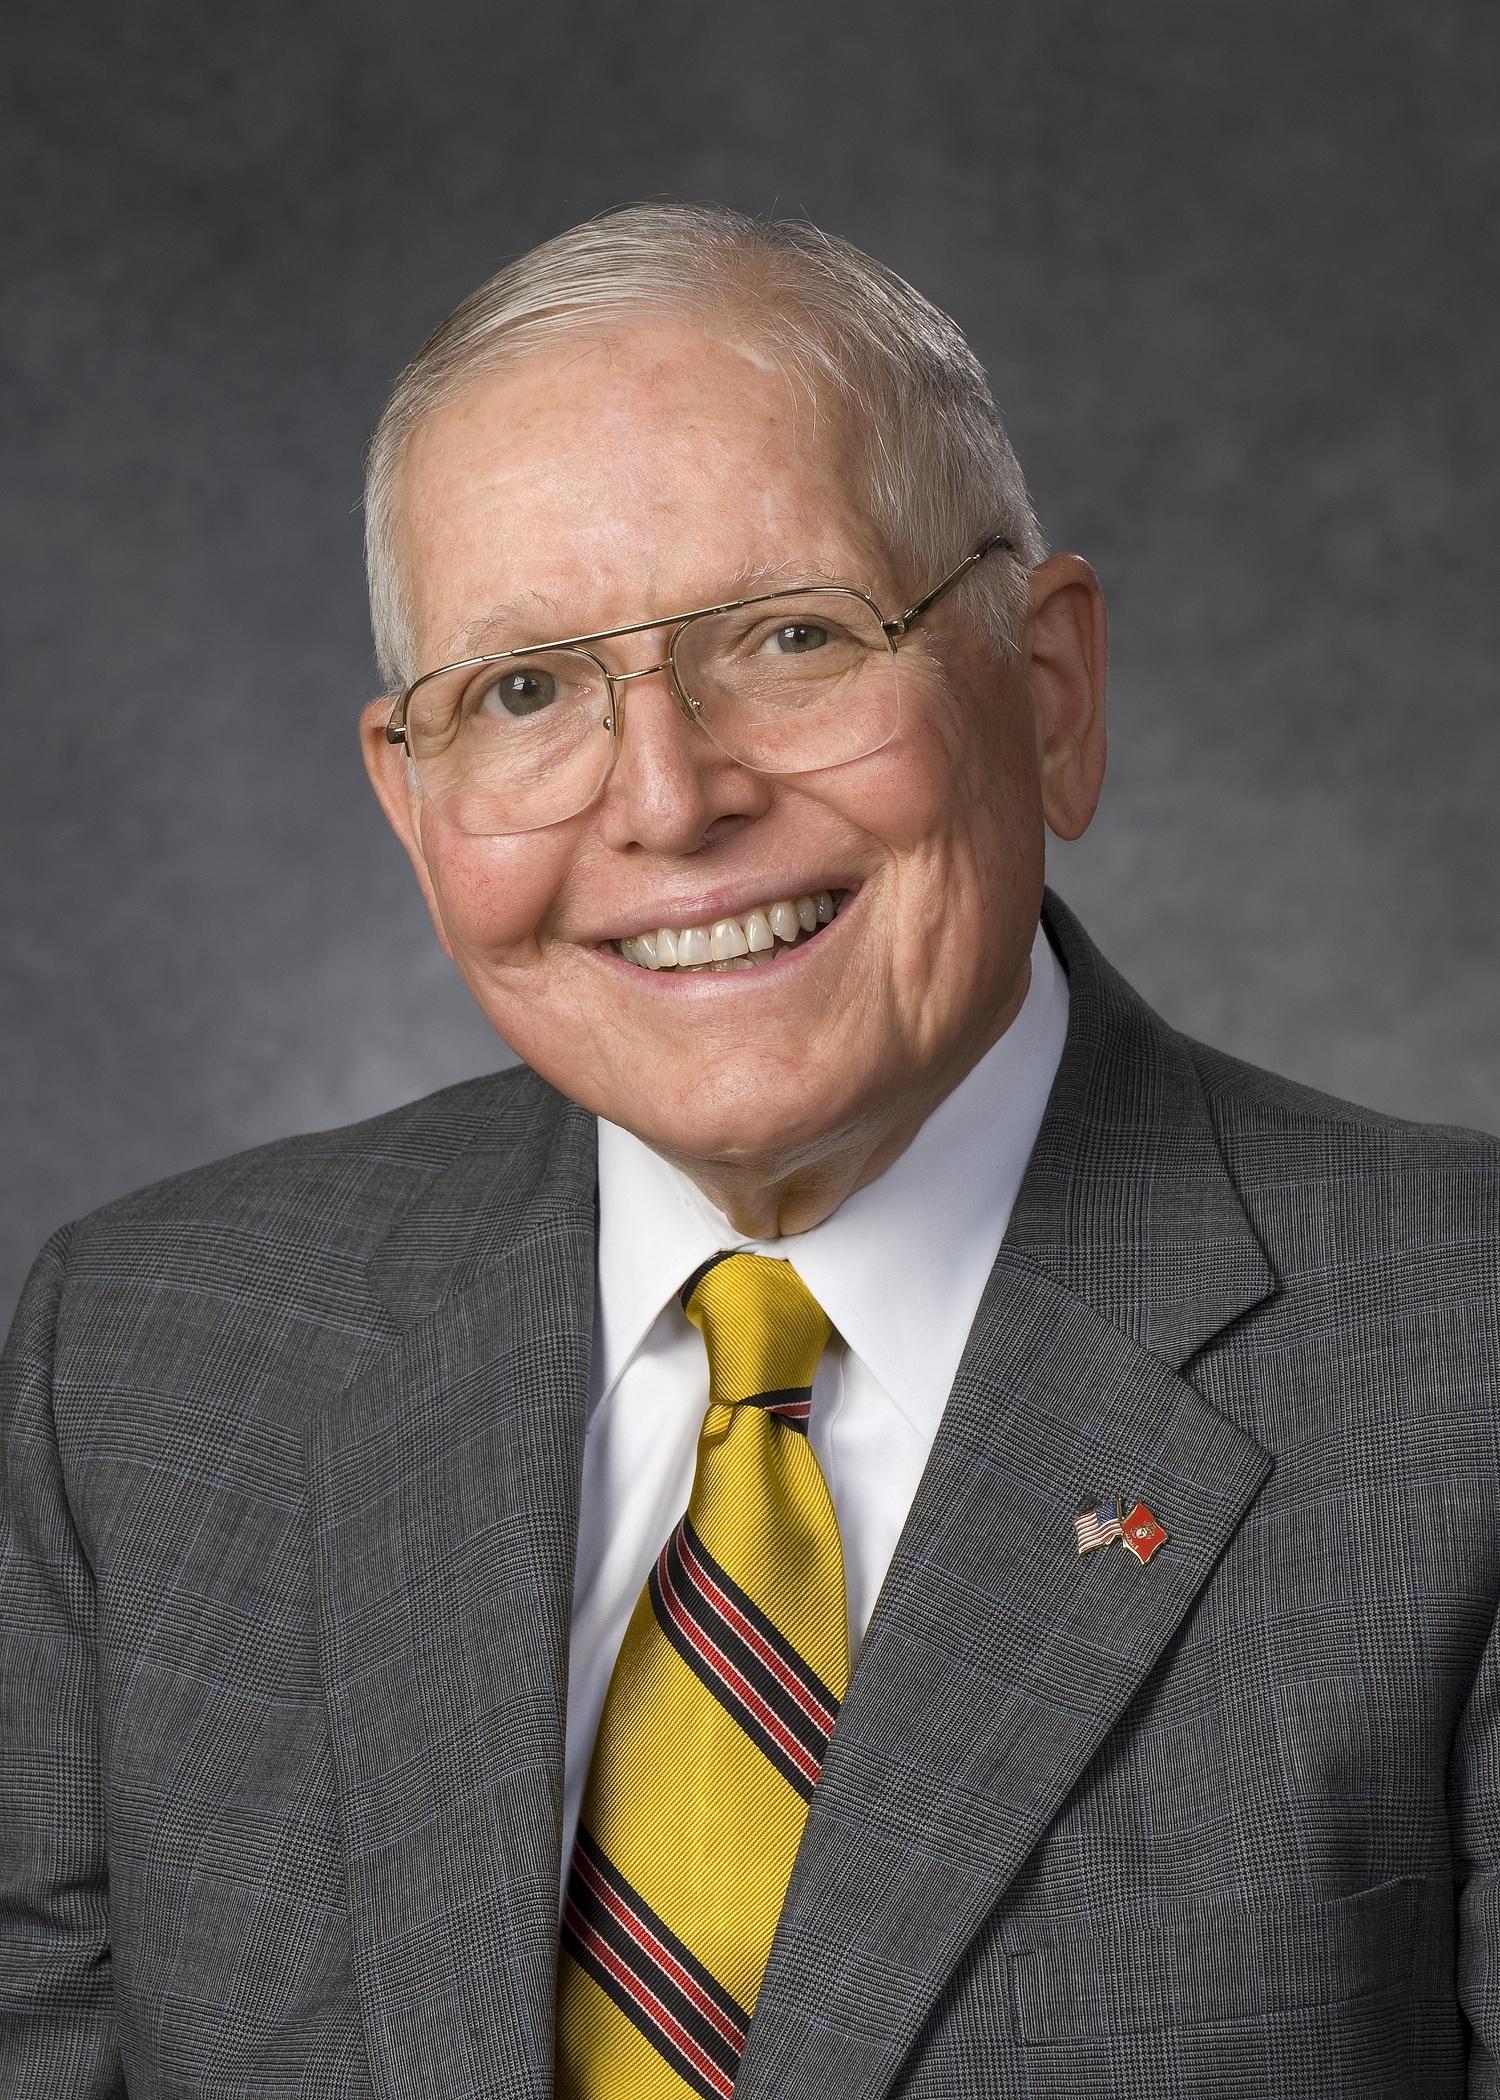 Walter W. Craigie